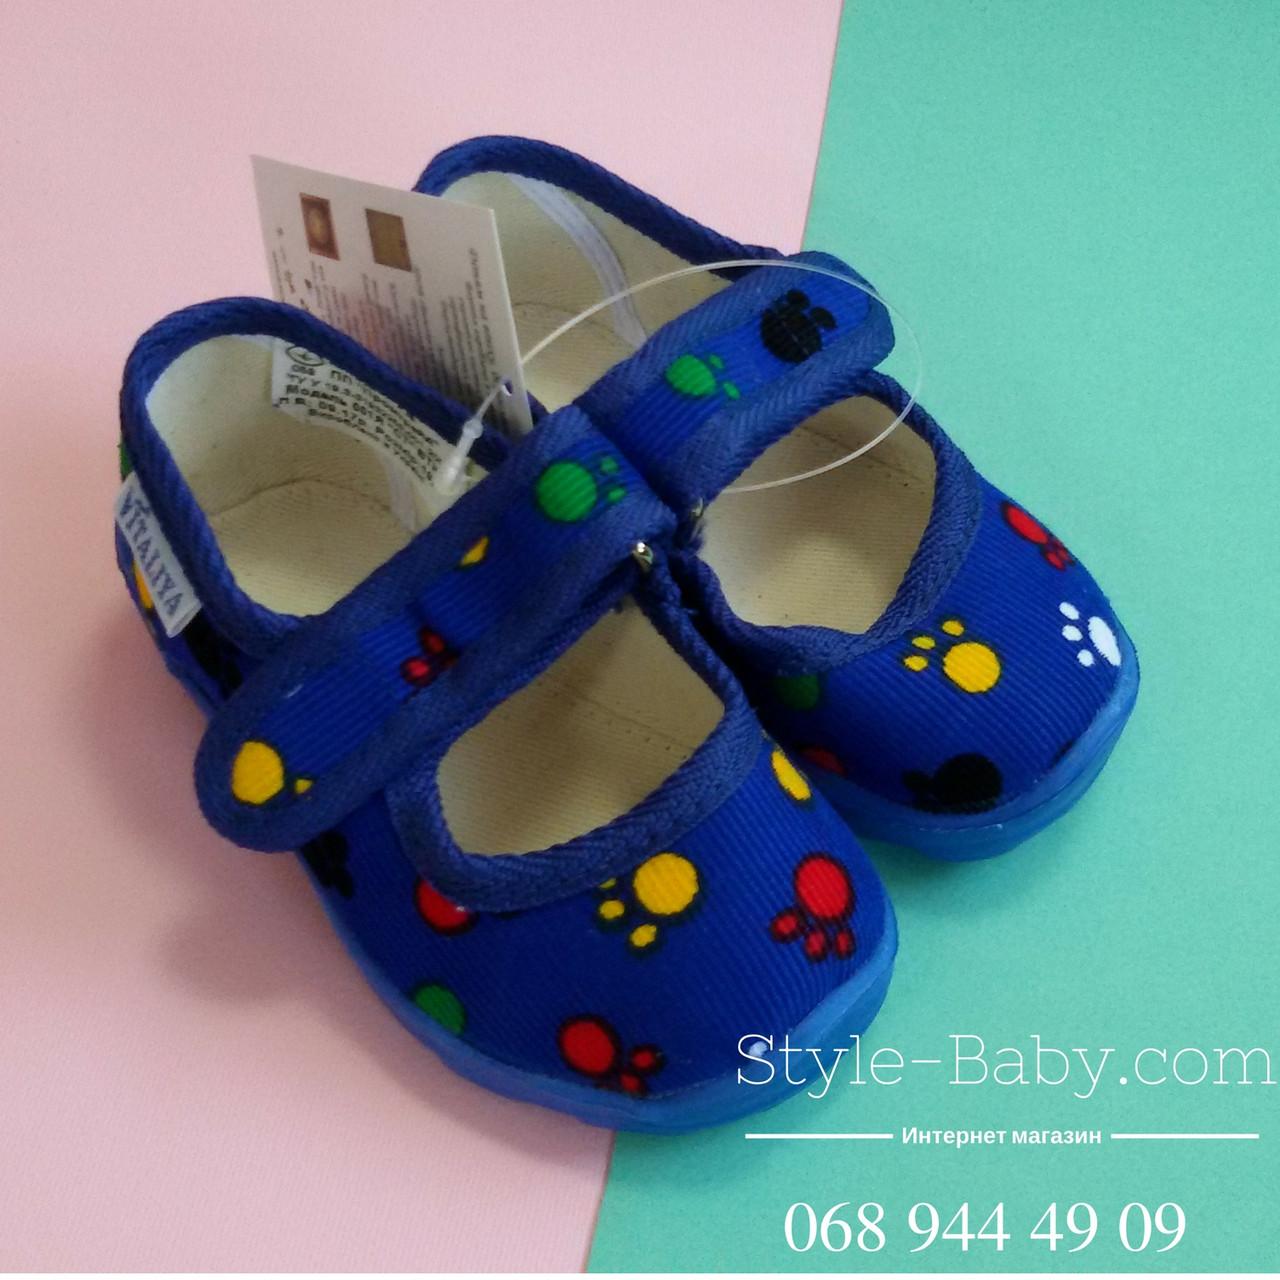 Детские тапочки в садик на мальчика, текстильная обувь Vitaliya Виталия Украина, размеры 19 по 22,5 - Style-Baby детский магазин в Киеве